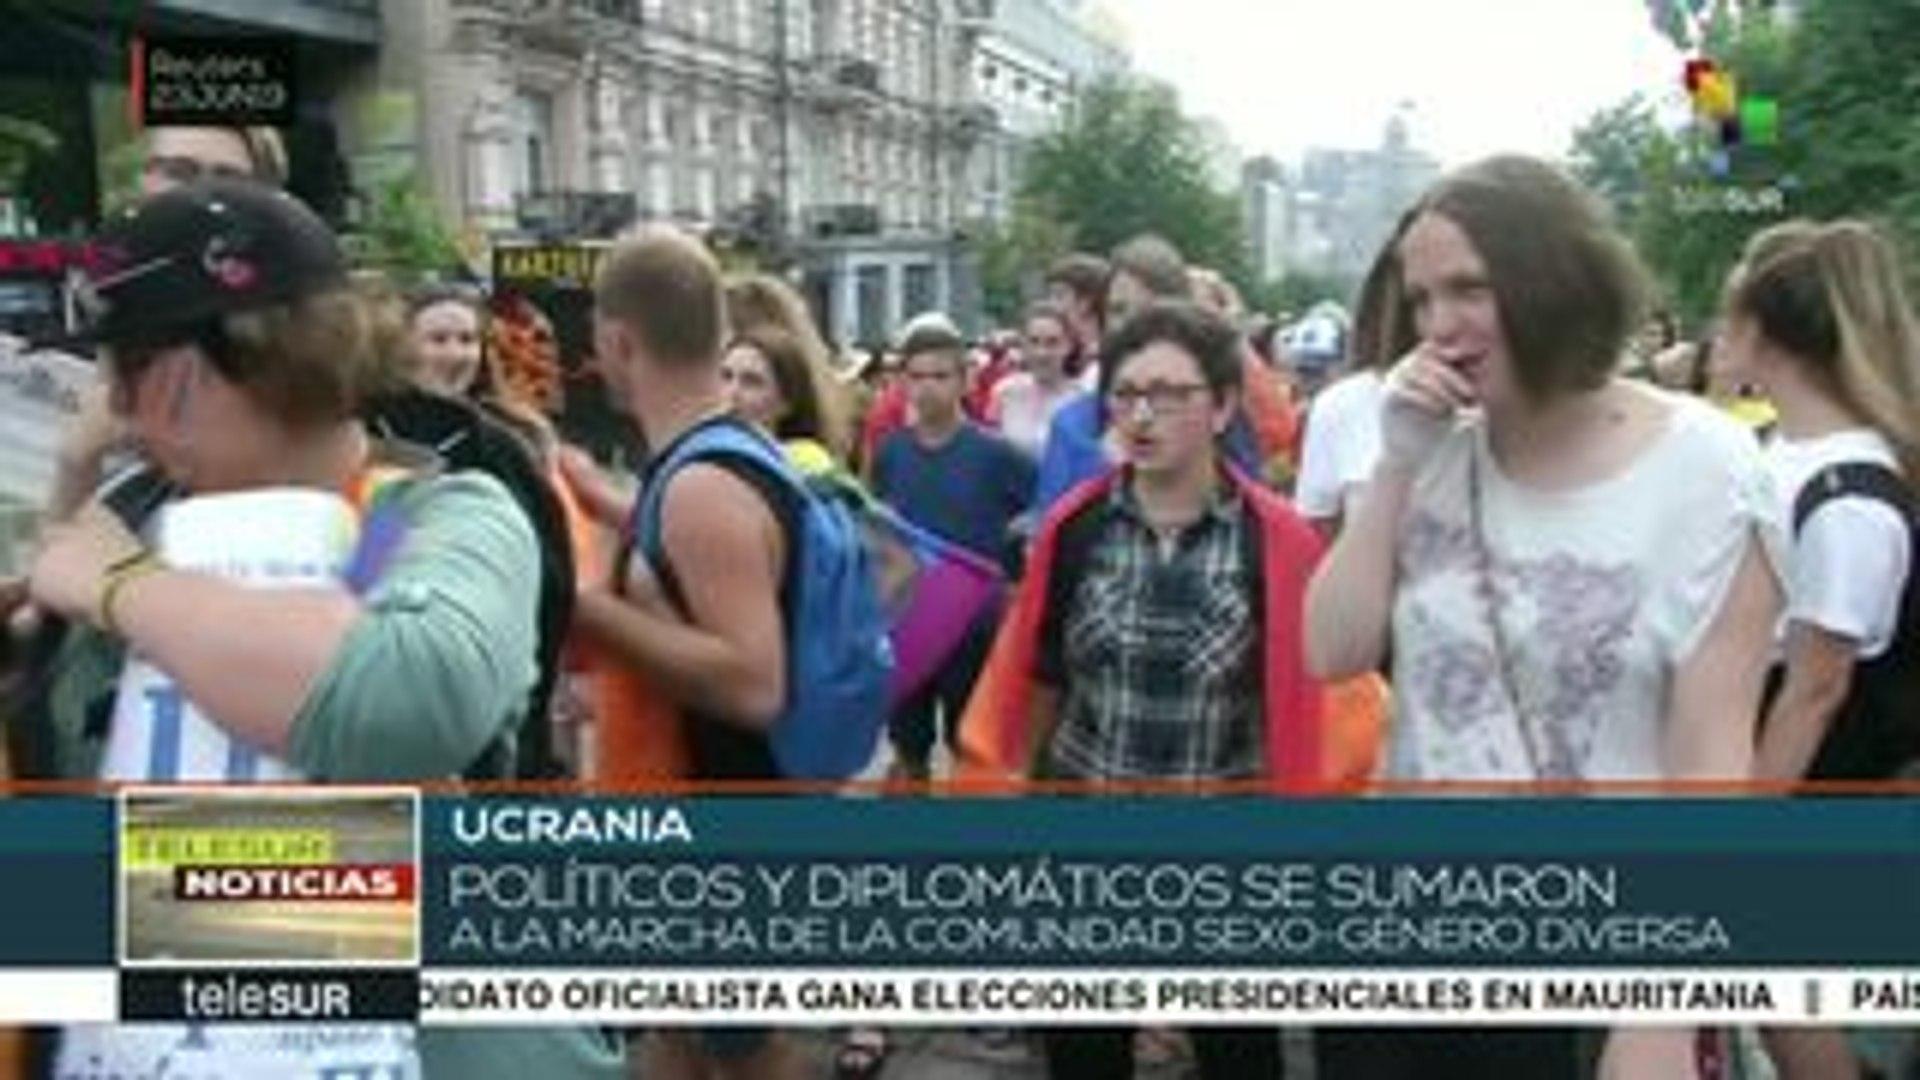 Políticos ucranianos marcharon con la comunidad sexo-género diversa